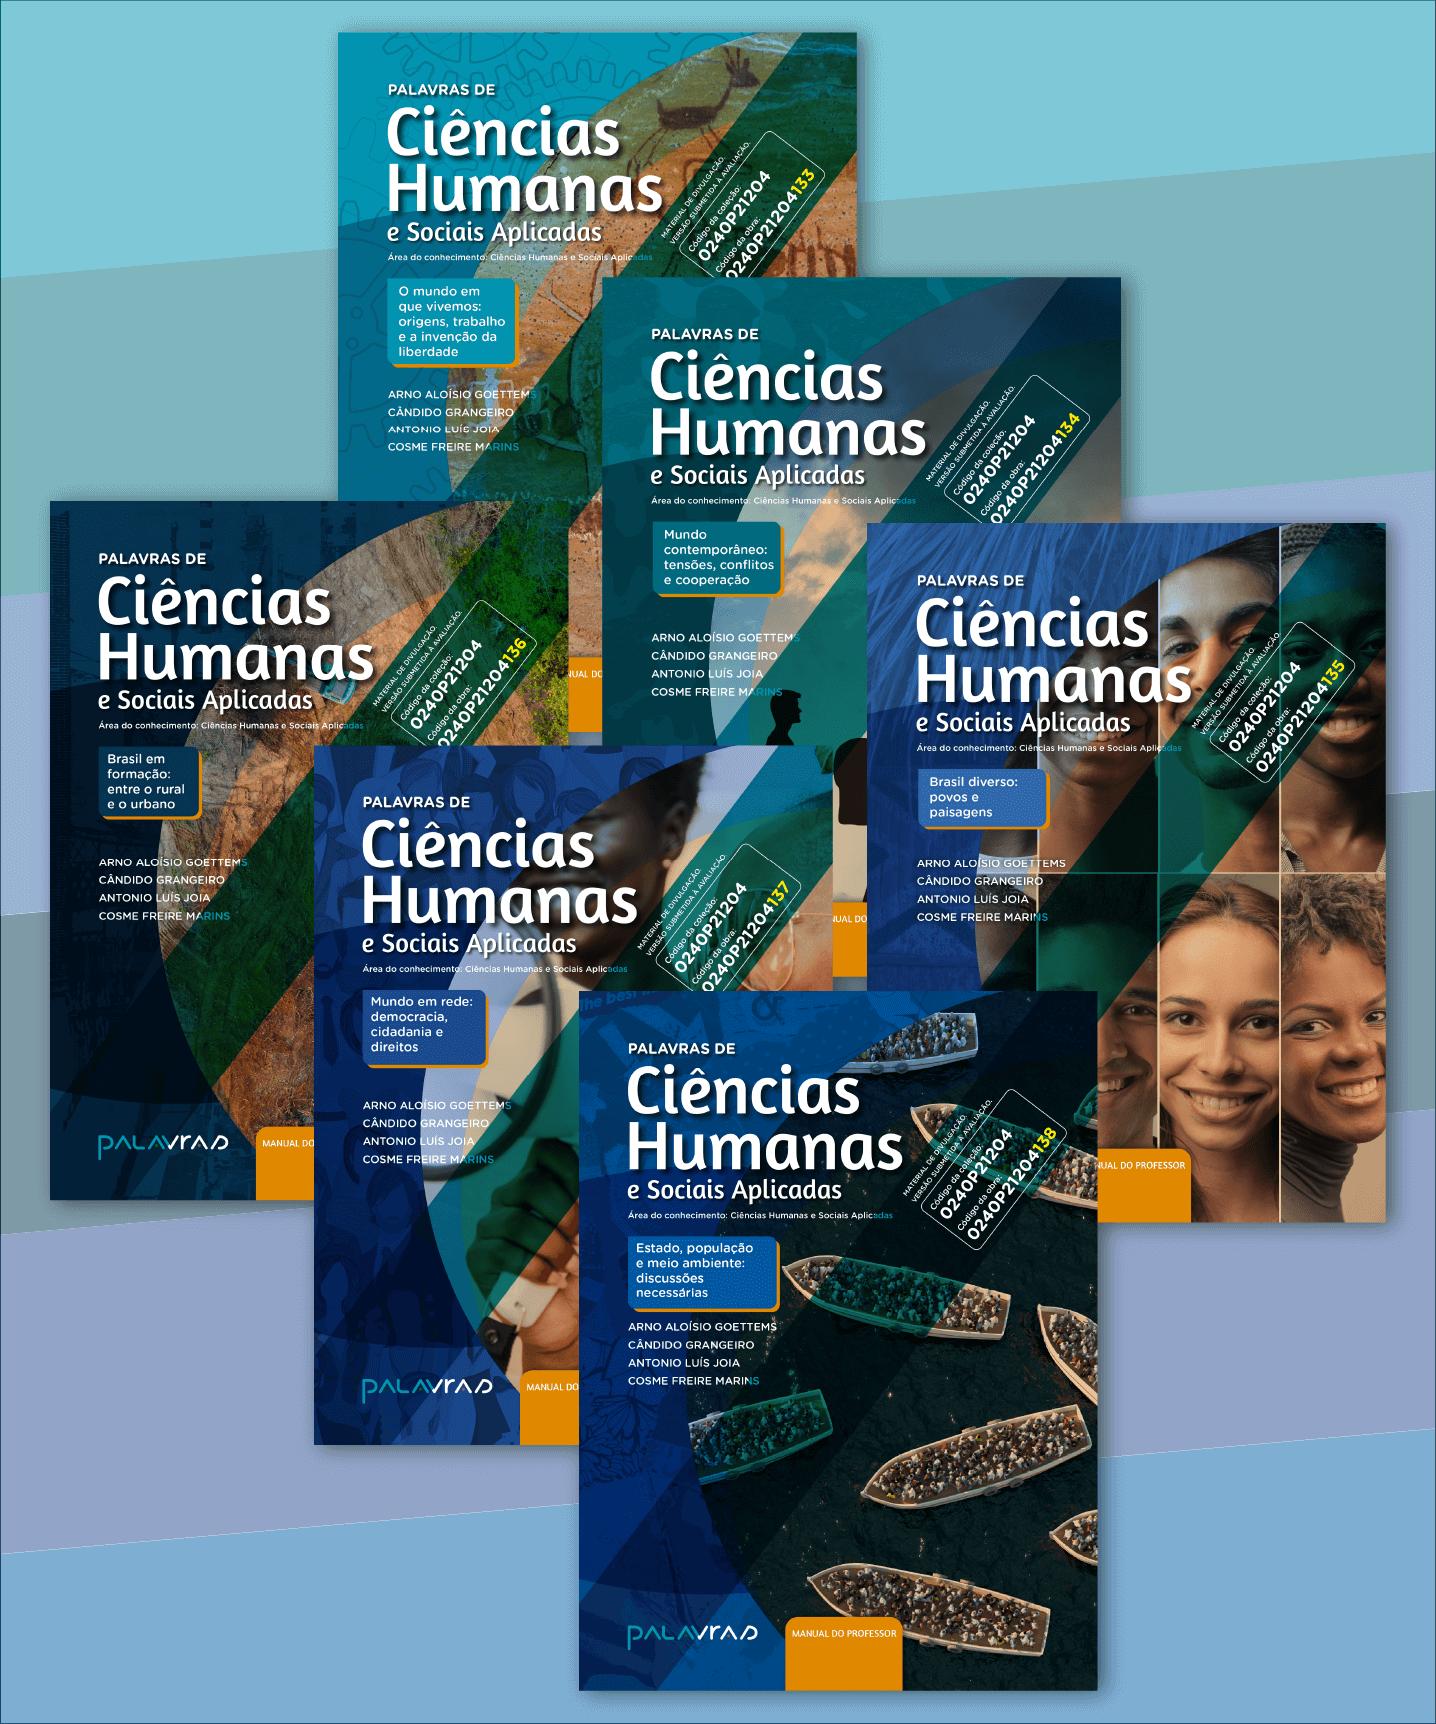 Coleção Palavras de Ciências Humanas e Sociais Aplicadas